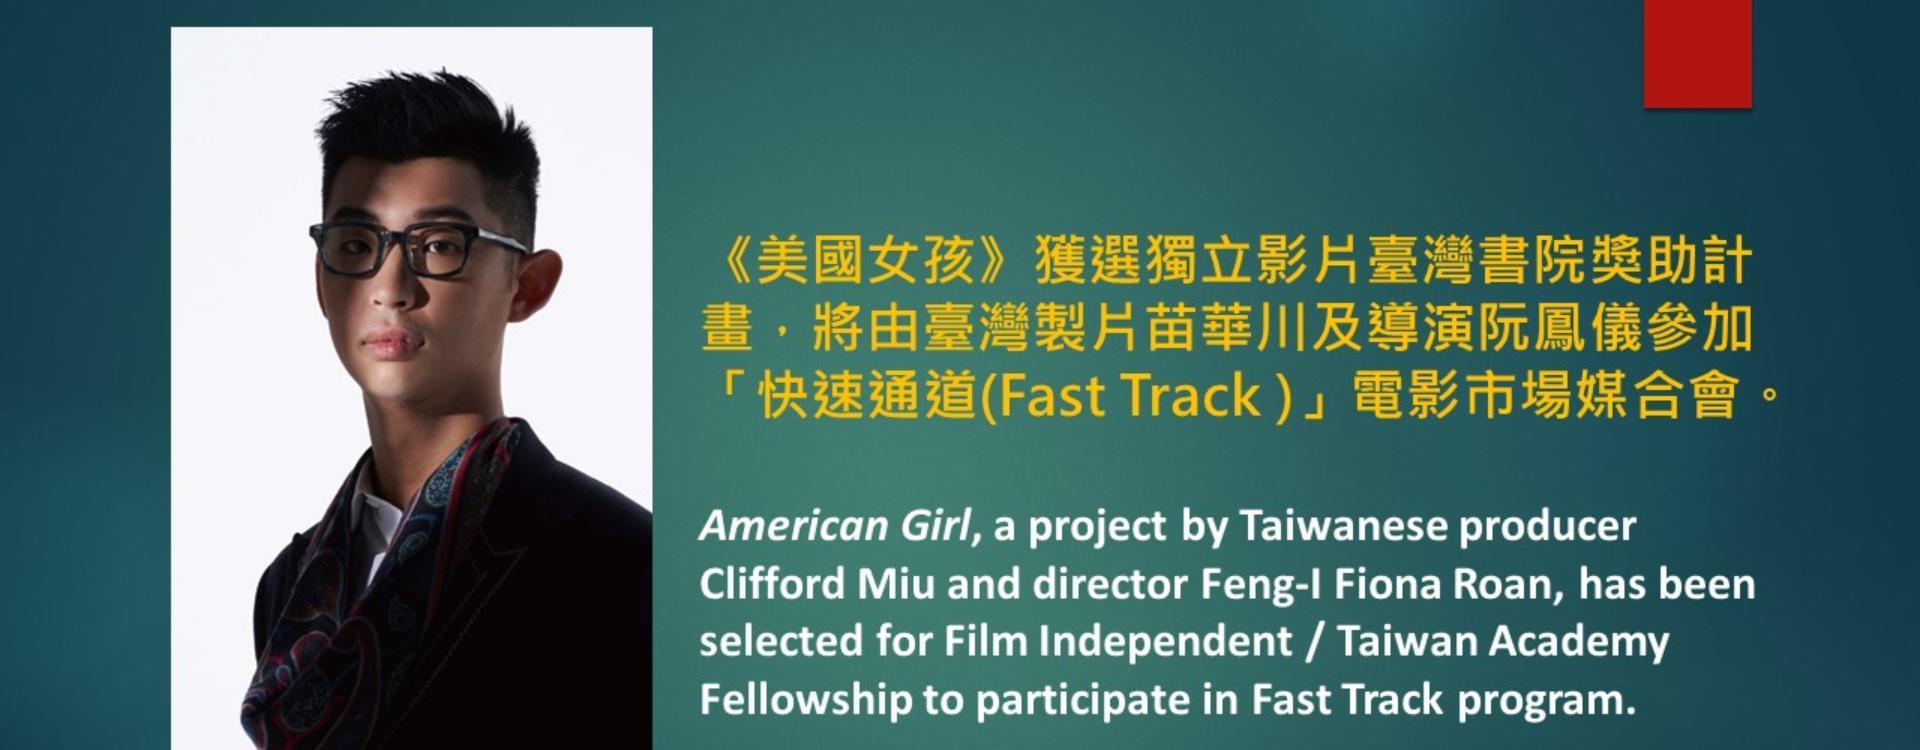 臺灣影片《美國女孩》獲選獨立影片臺灣書院獎助計畫 以「快速通道(Fast Track)」鏈結美國影視圈「另開新視窗」